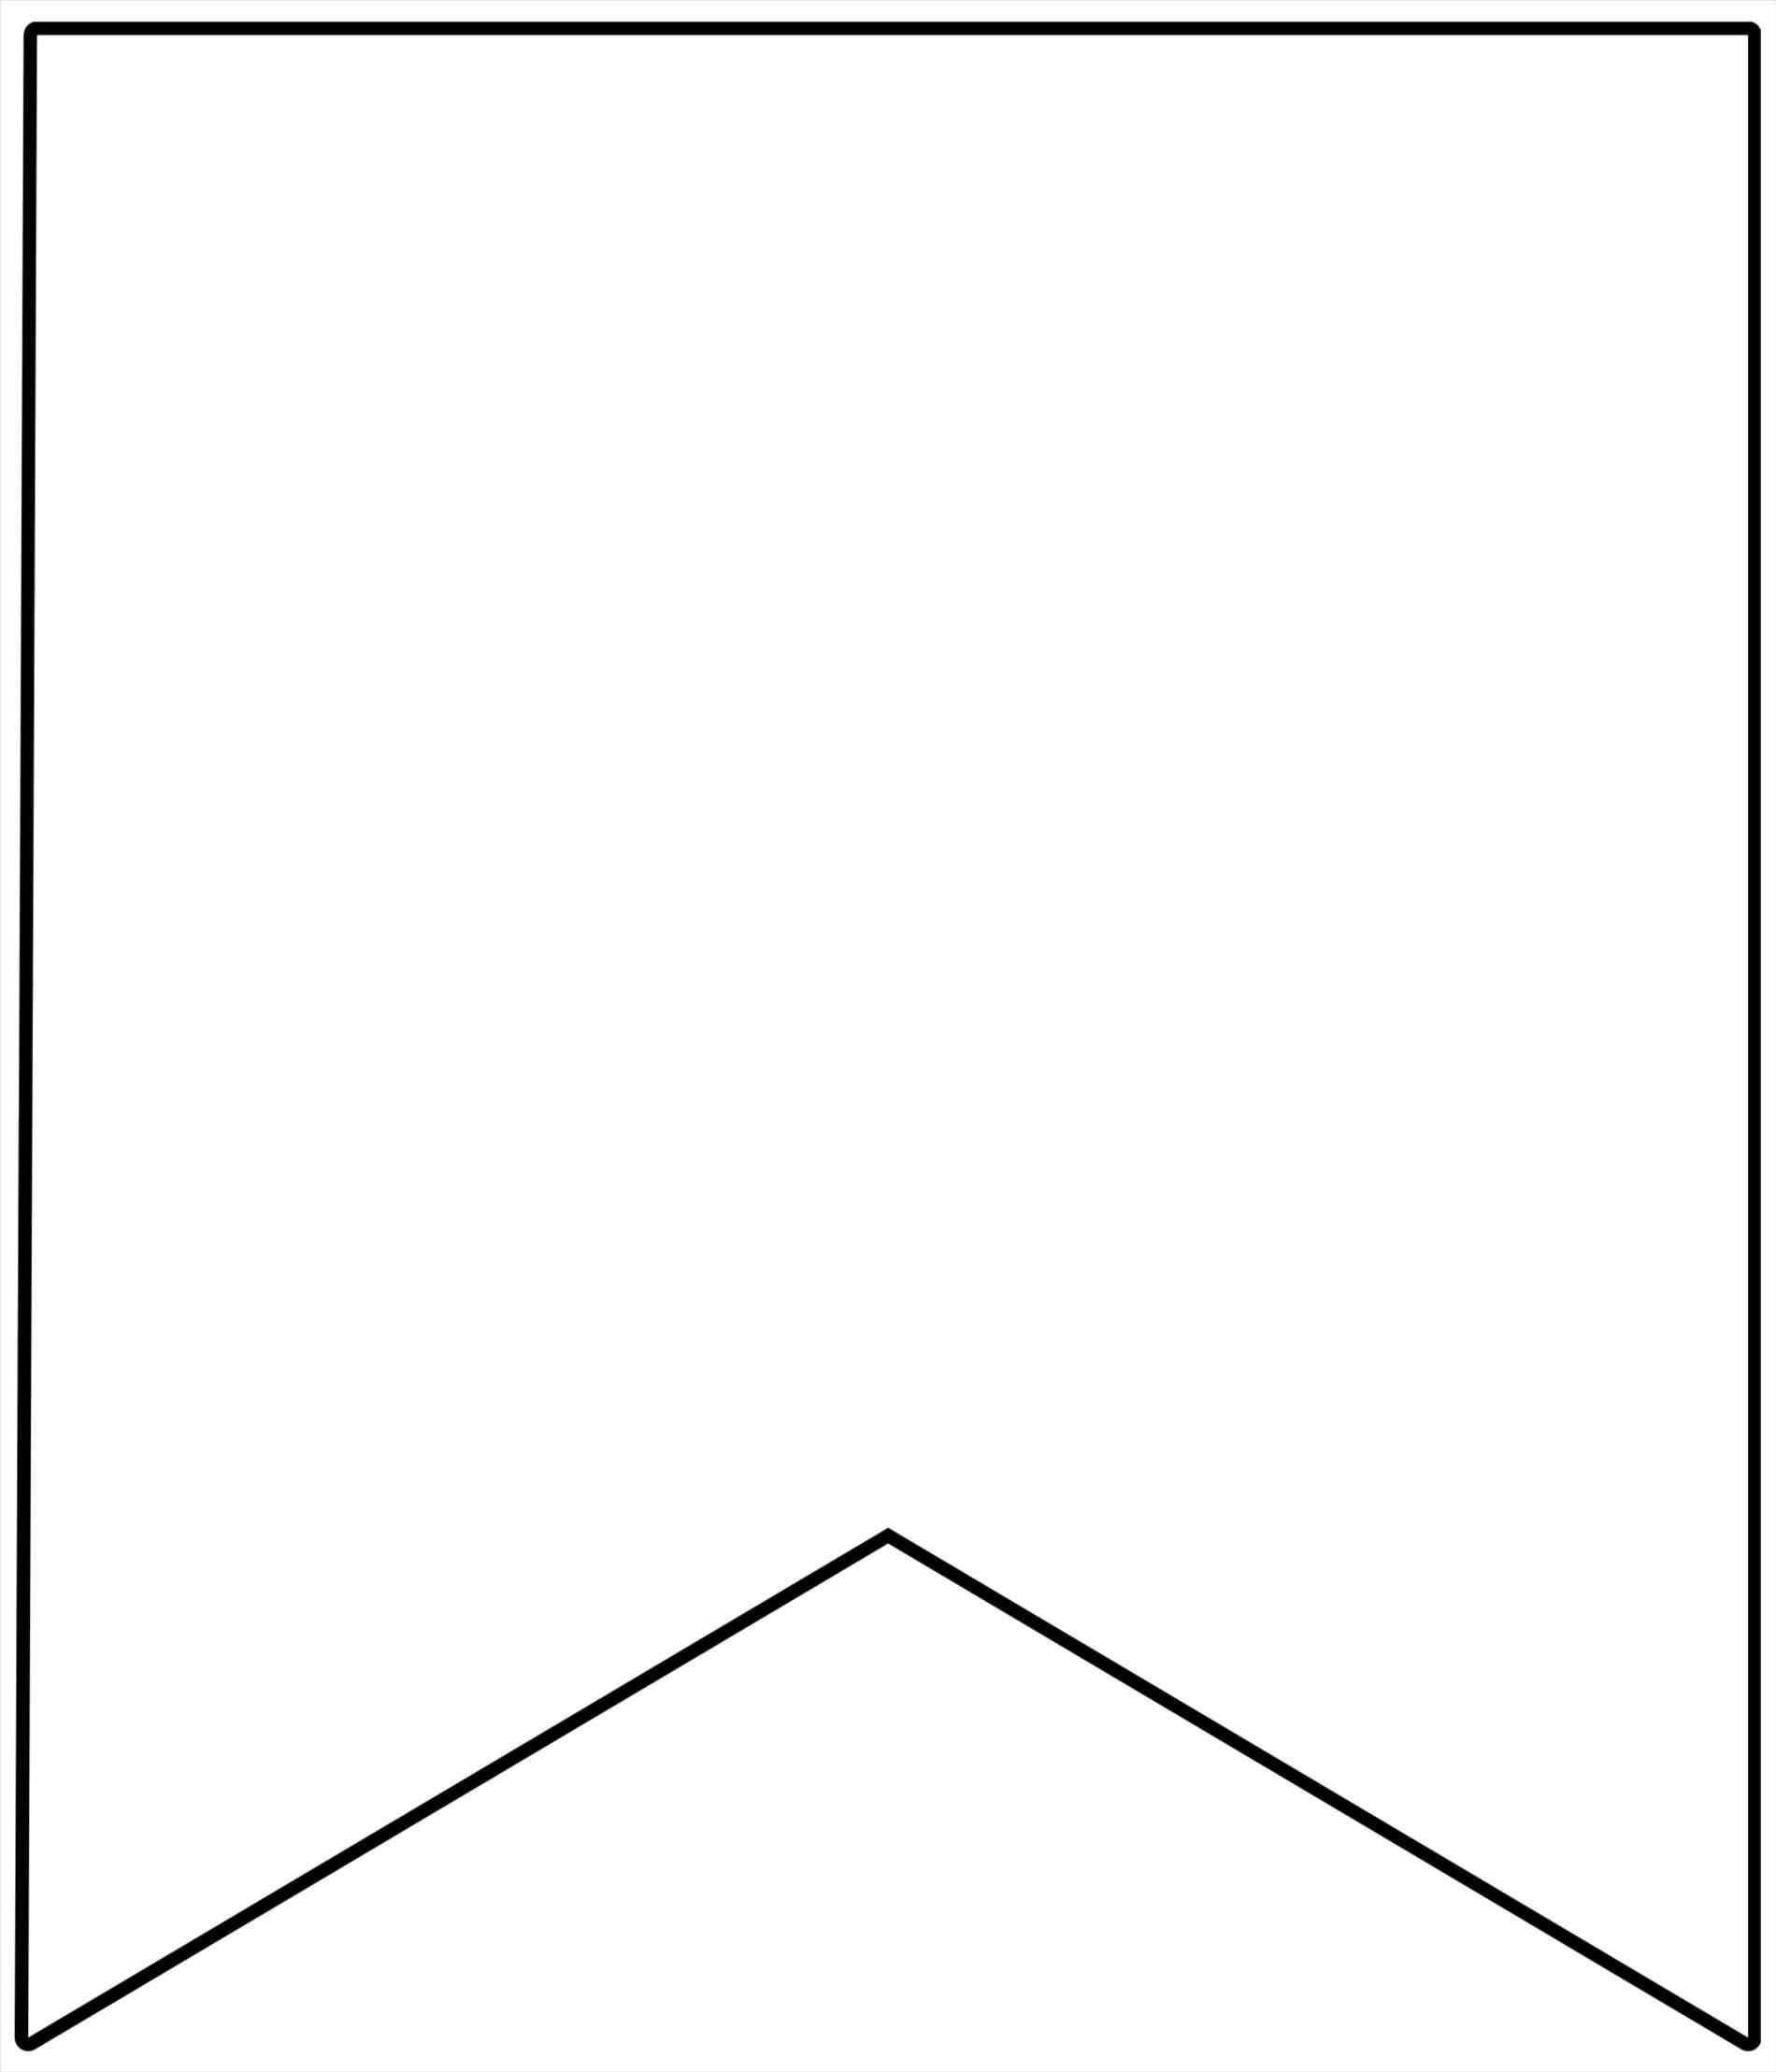 Banner clipart shape transparent.